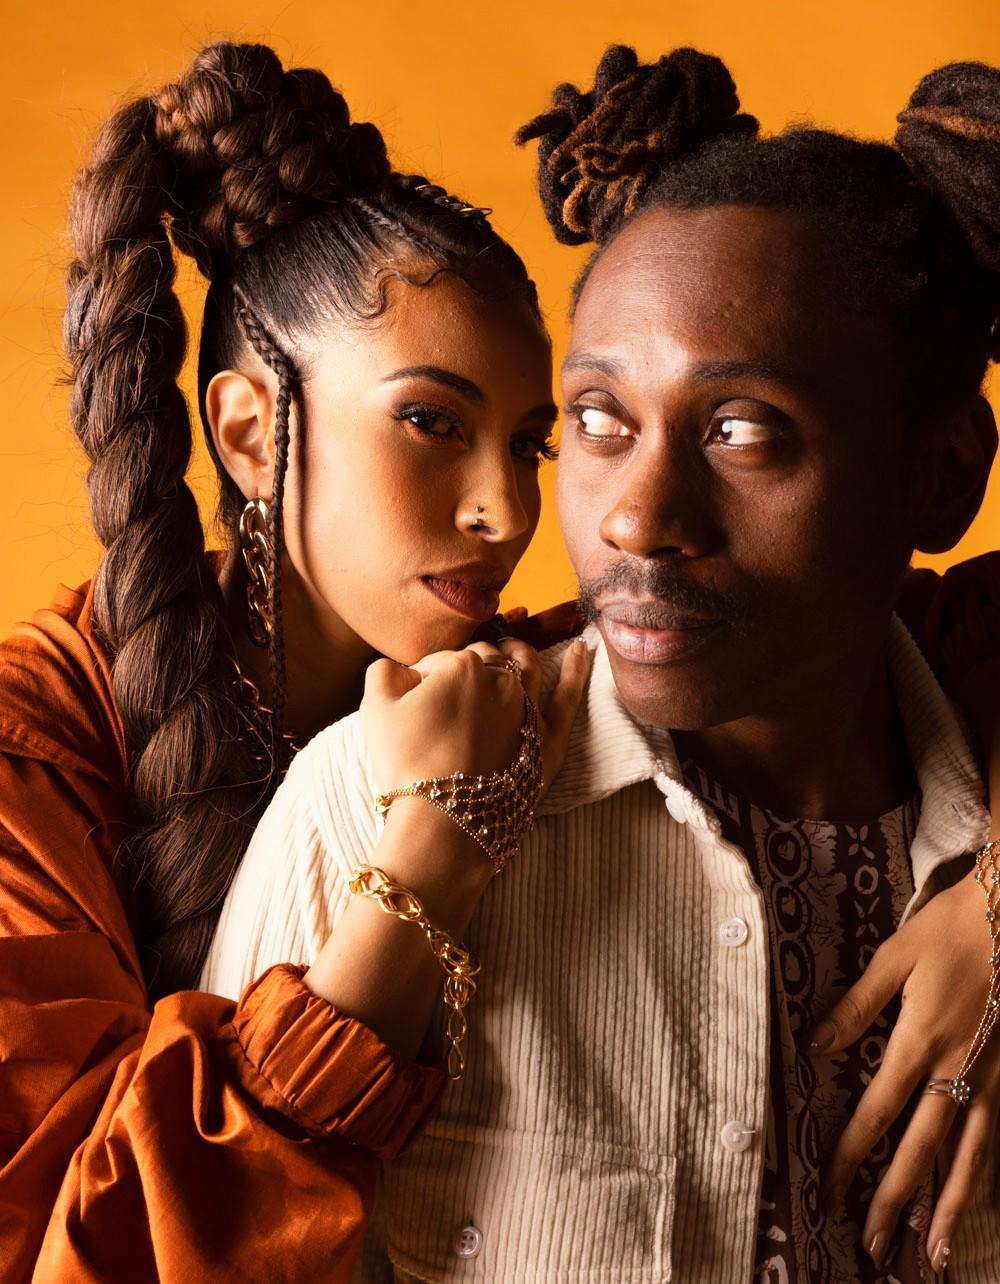 Rincon Sapiência assina a produção musical de EP em que Indy Naíse canta com Drik Barbosa e D'Ogum